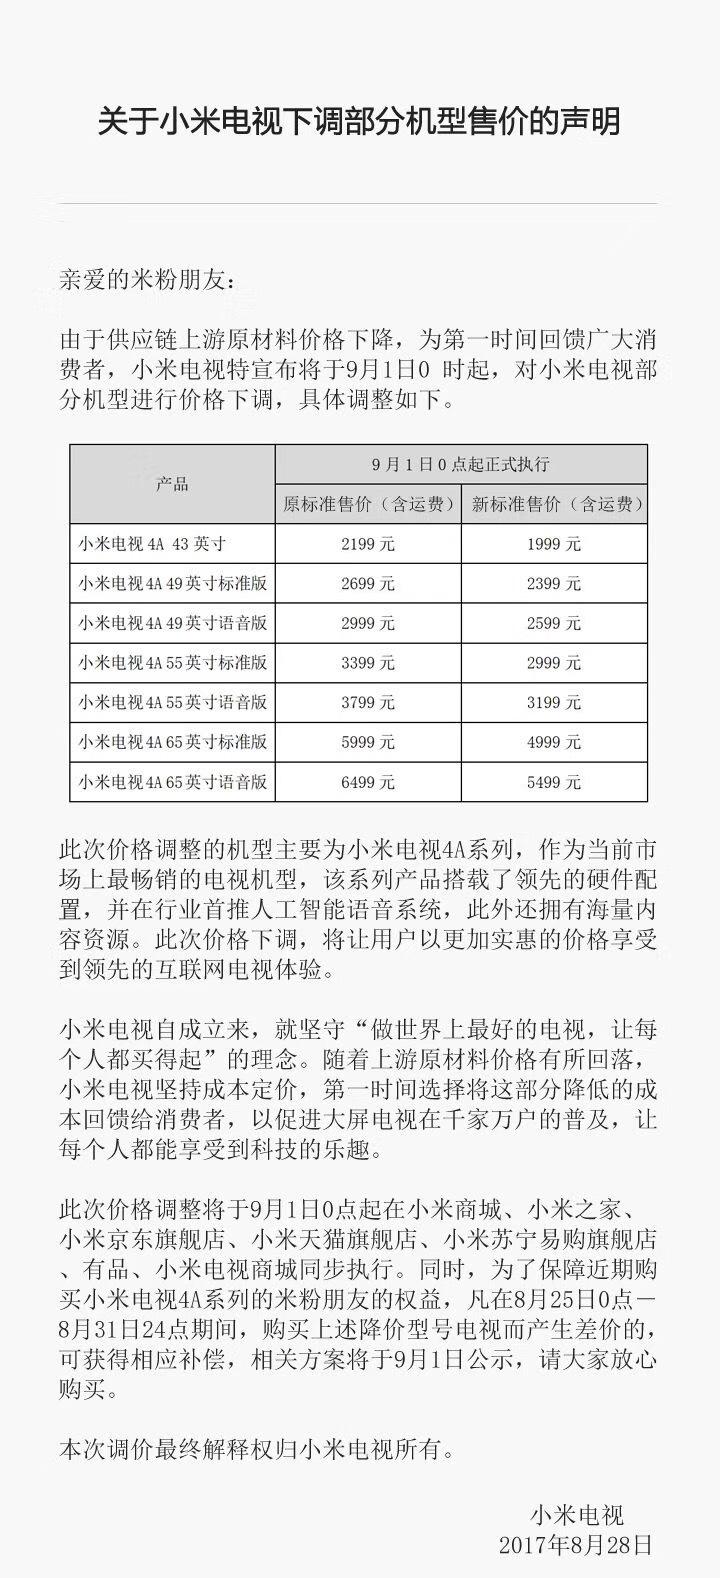 小米电视4A系列售价下调600至1000元左右